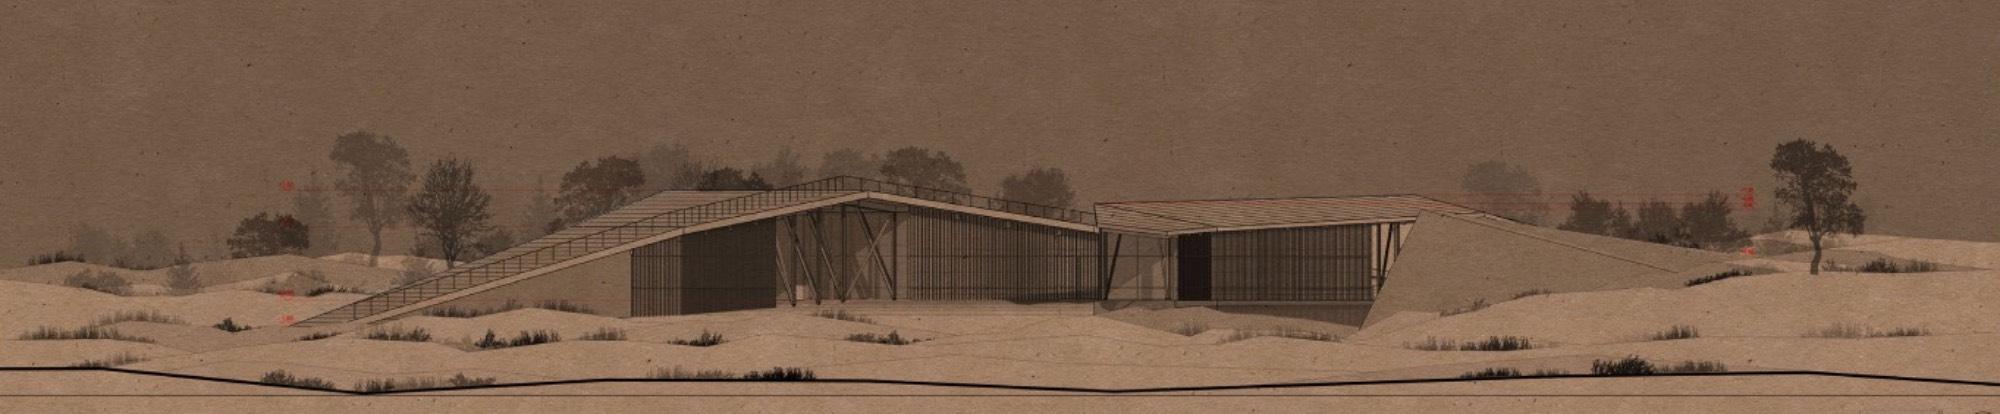 Περιβαλλοντικό Κέντρο Ενημέρωσης και Περίθαλψης της Θαλάσσιας Χελώνας Caretta Caretta